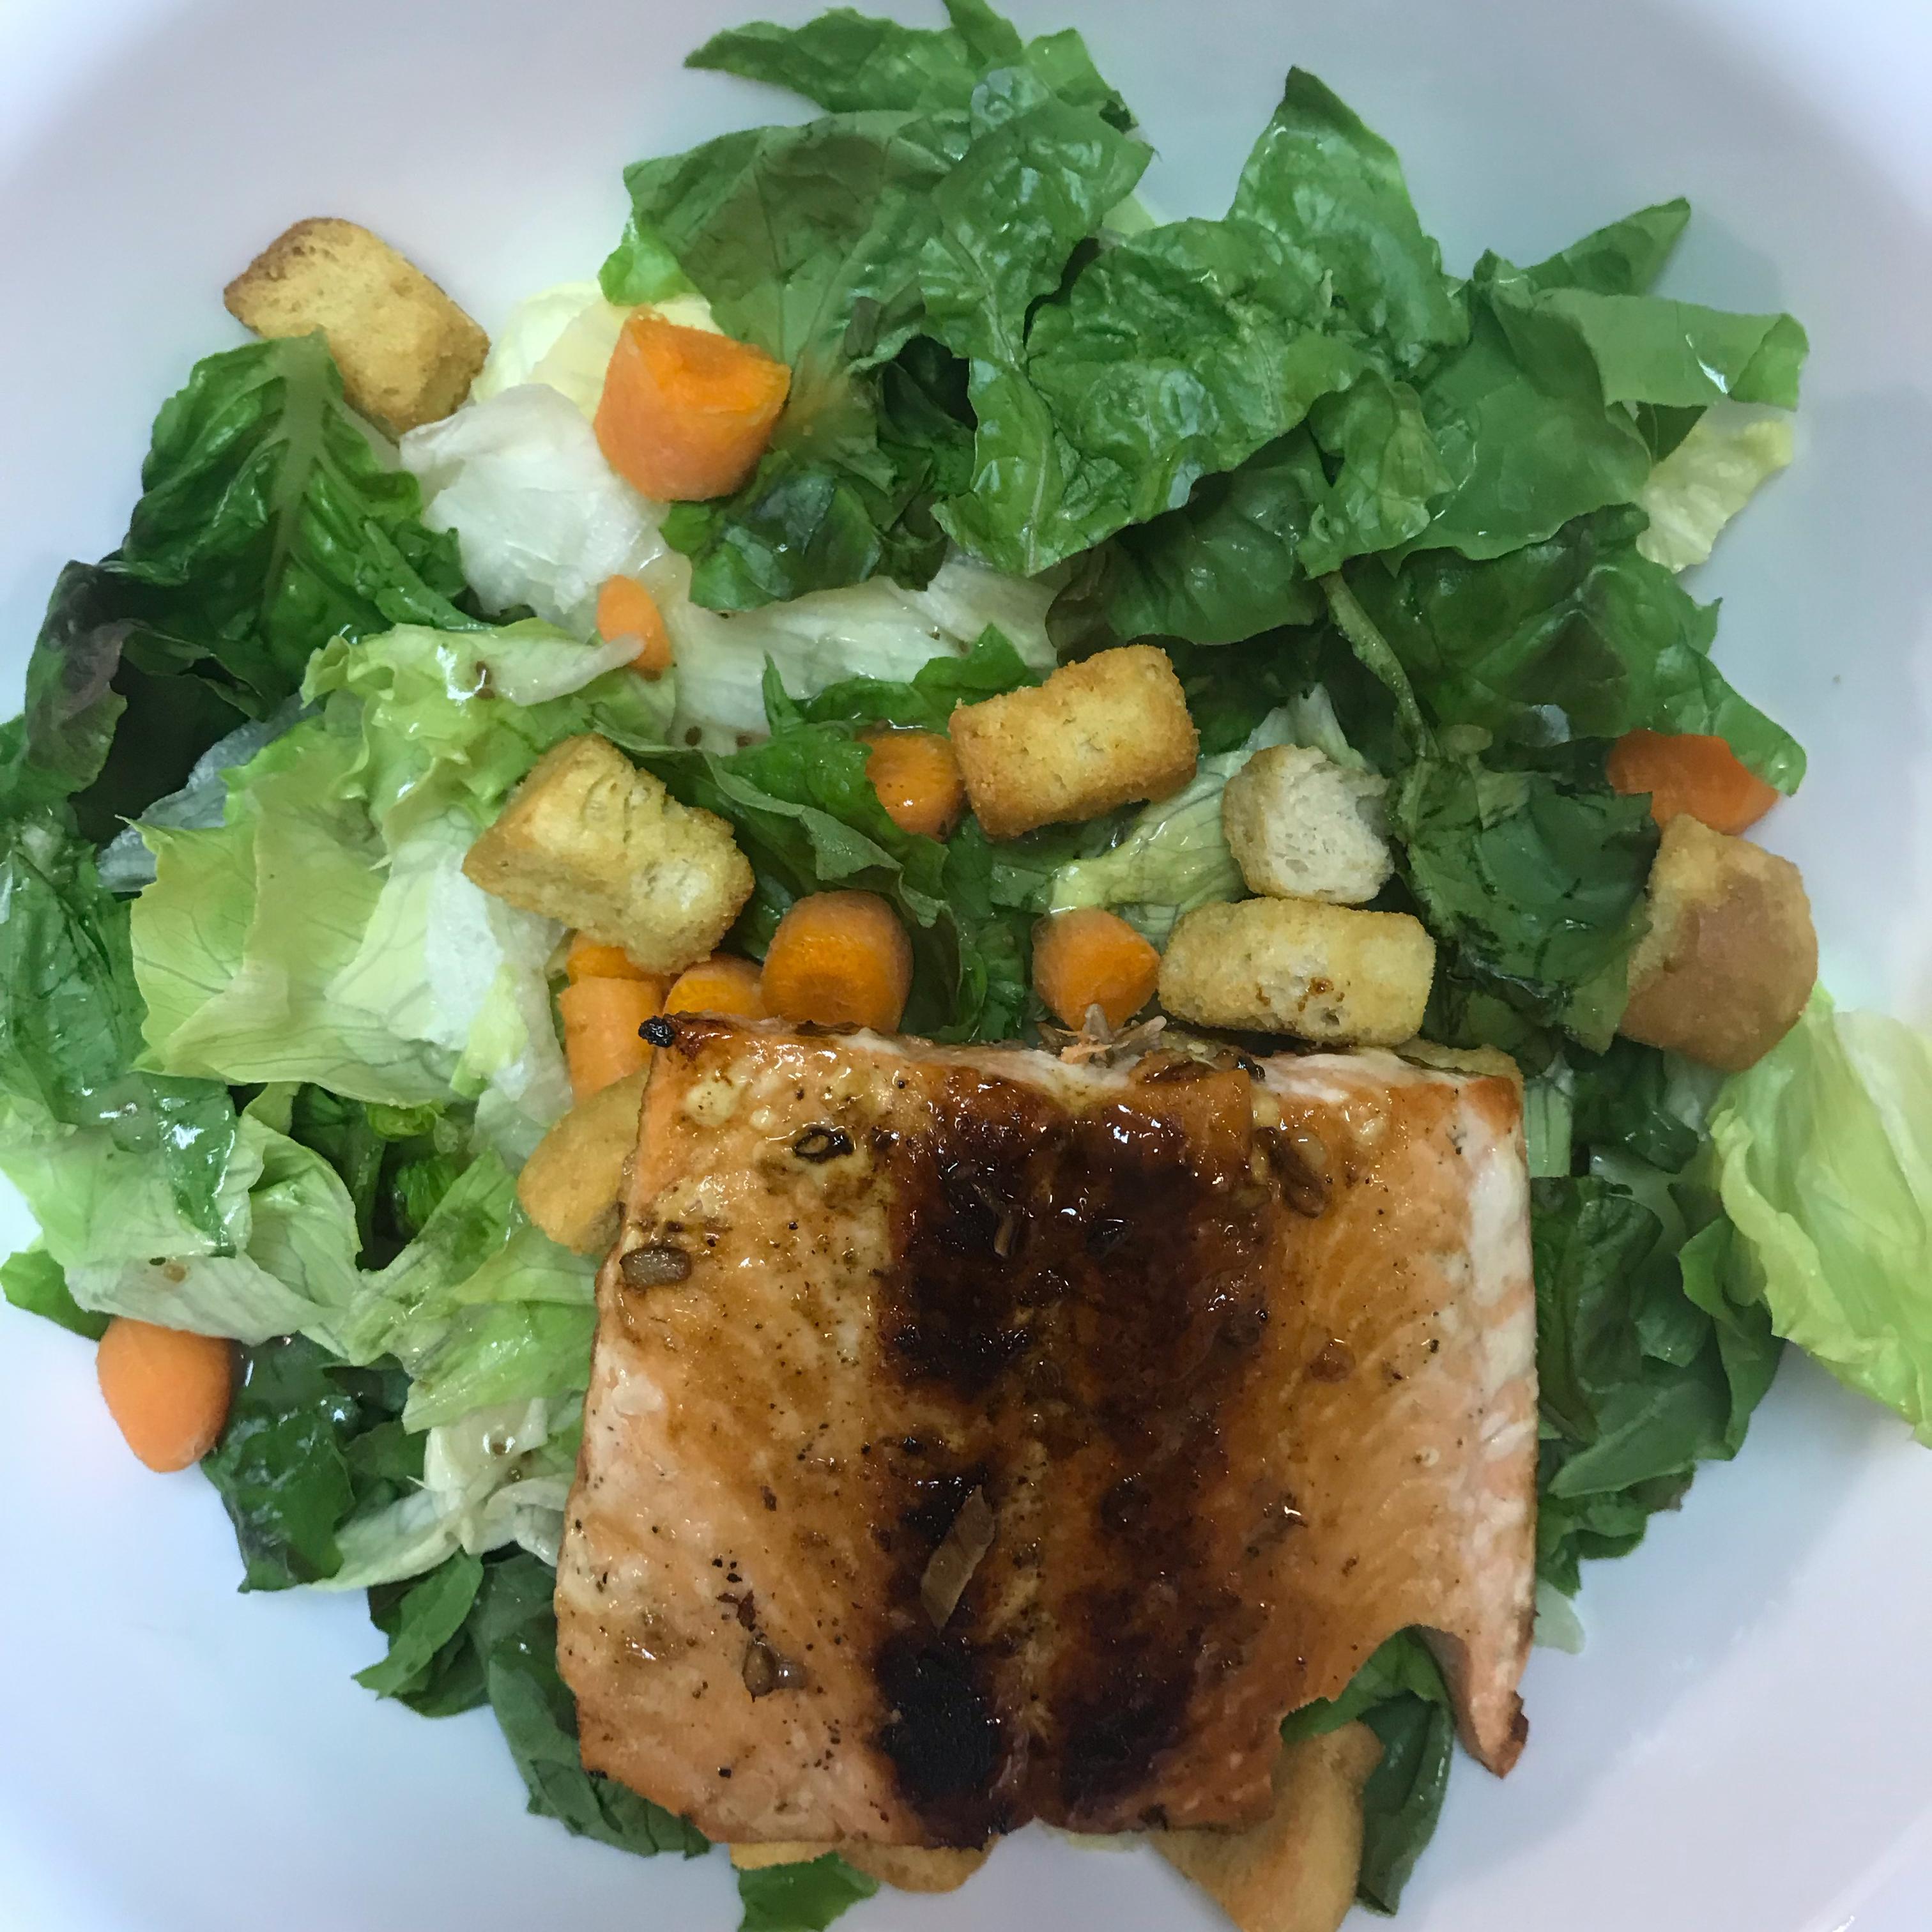 Soy-Honey Glazed Salmon with Asparagus Lauren Roach